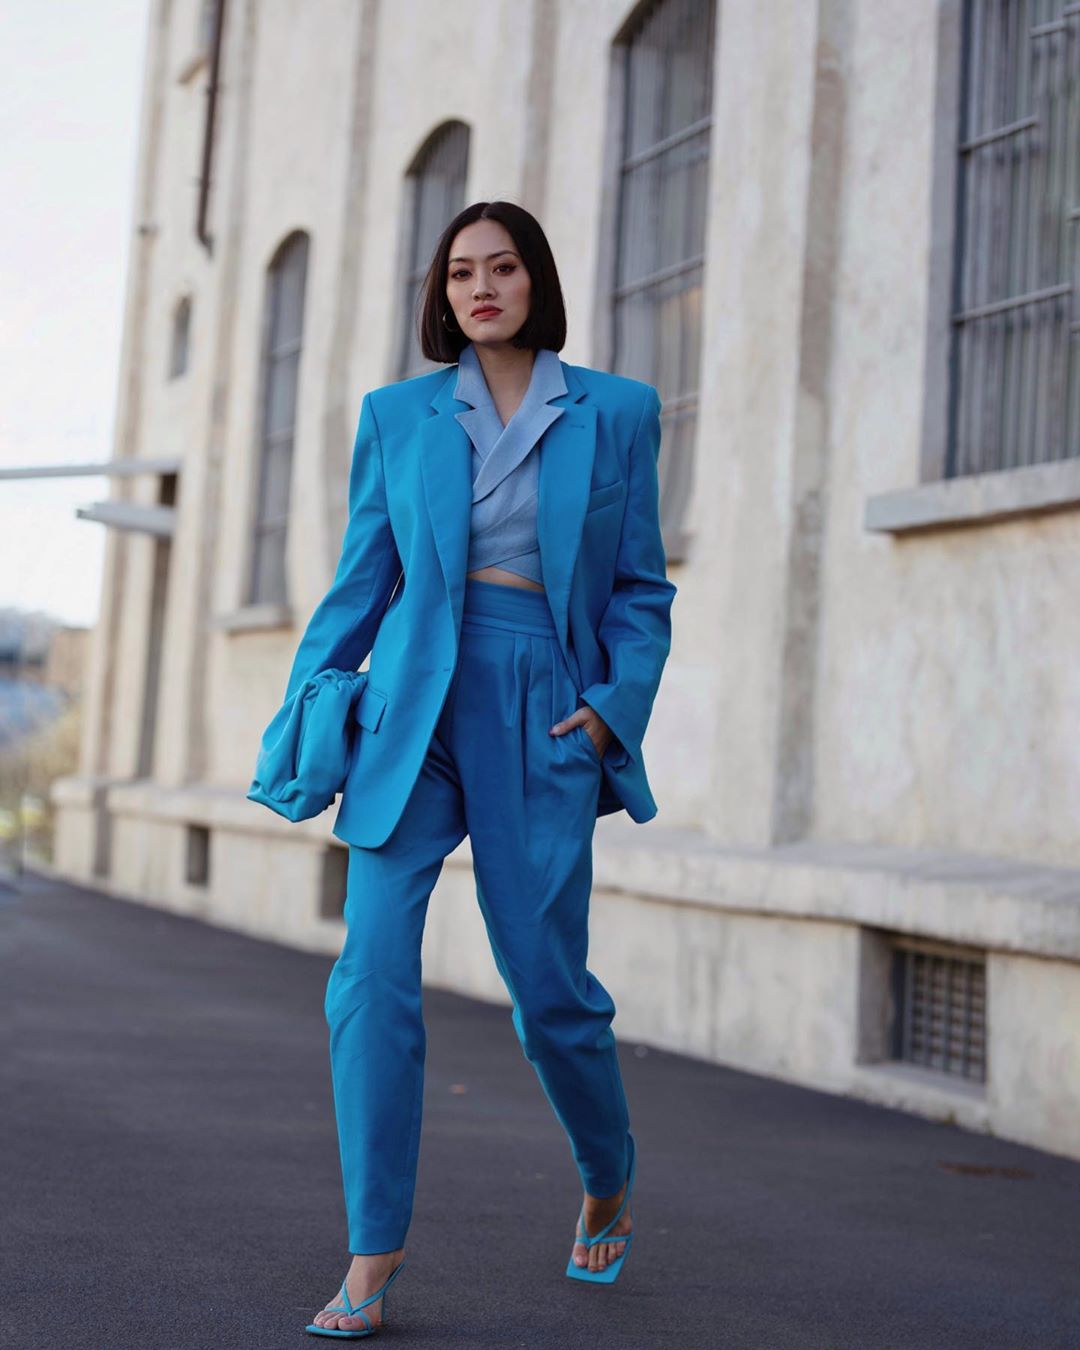 tiffany hsu mặc bộ âu phục suit màu xanh monochrome mang giày sandal nữ mũi vuông